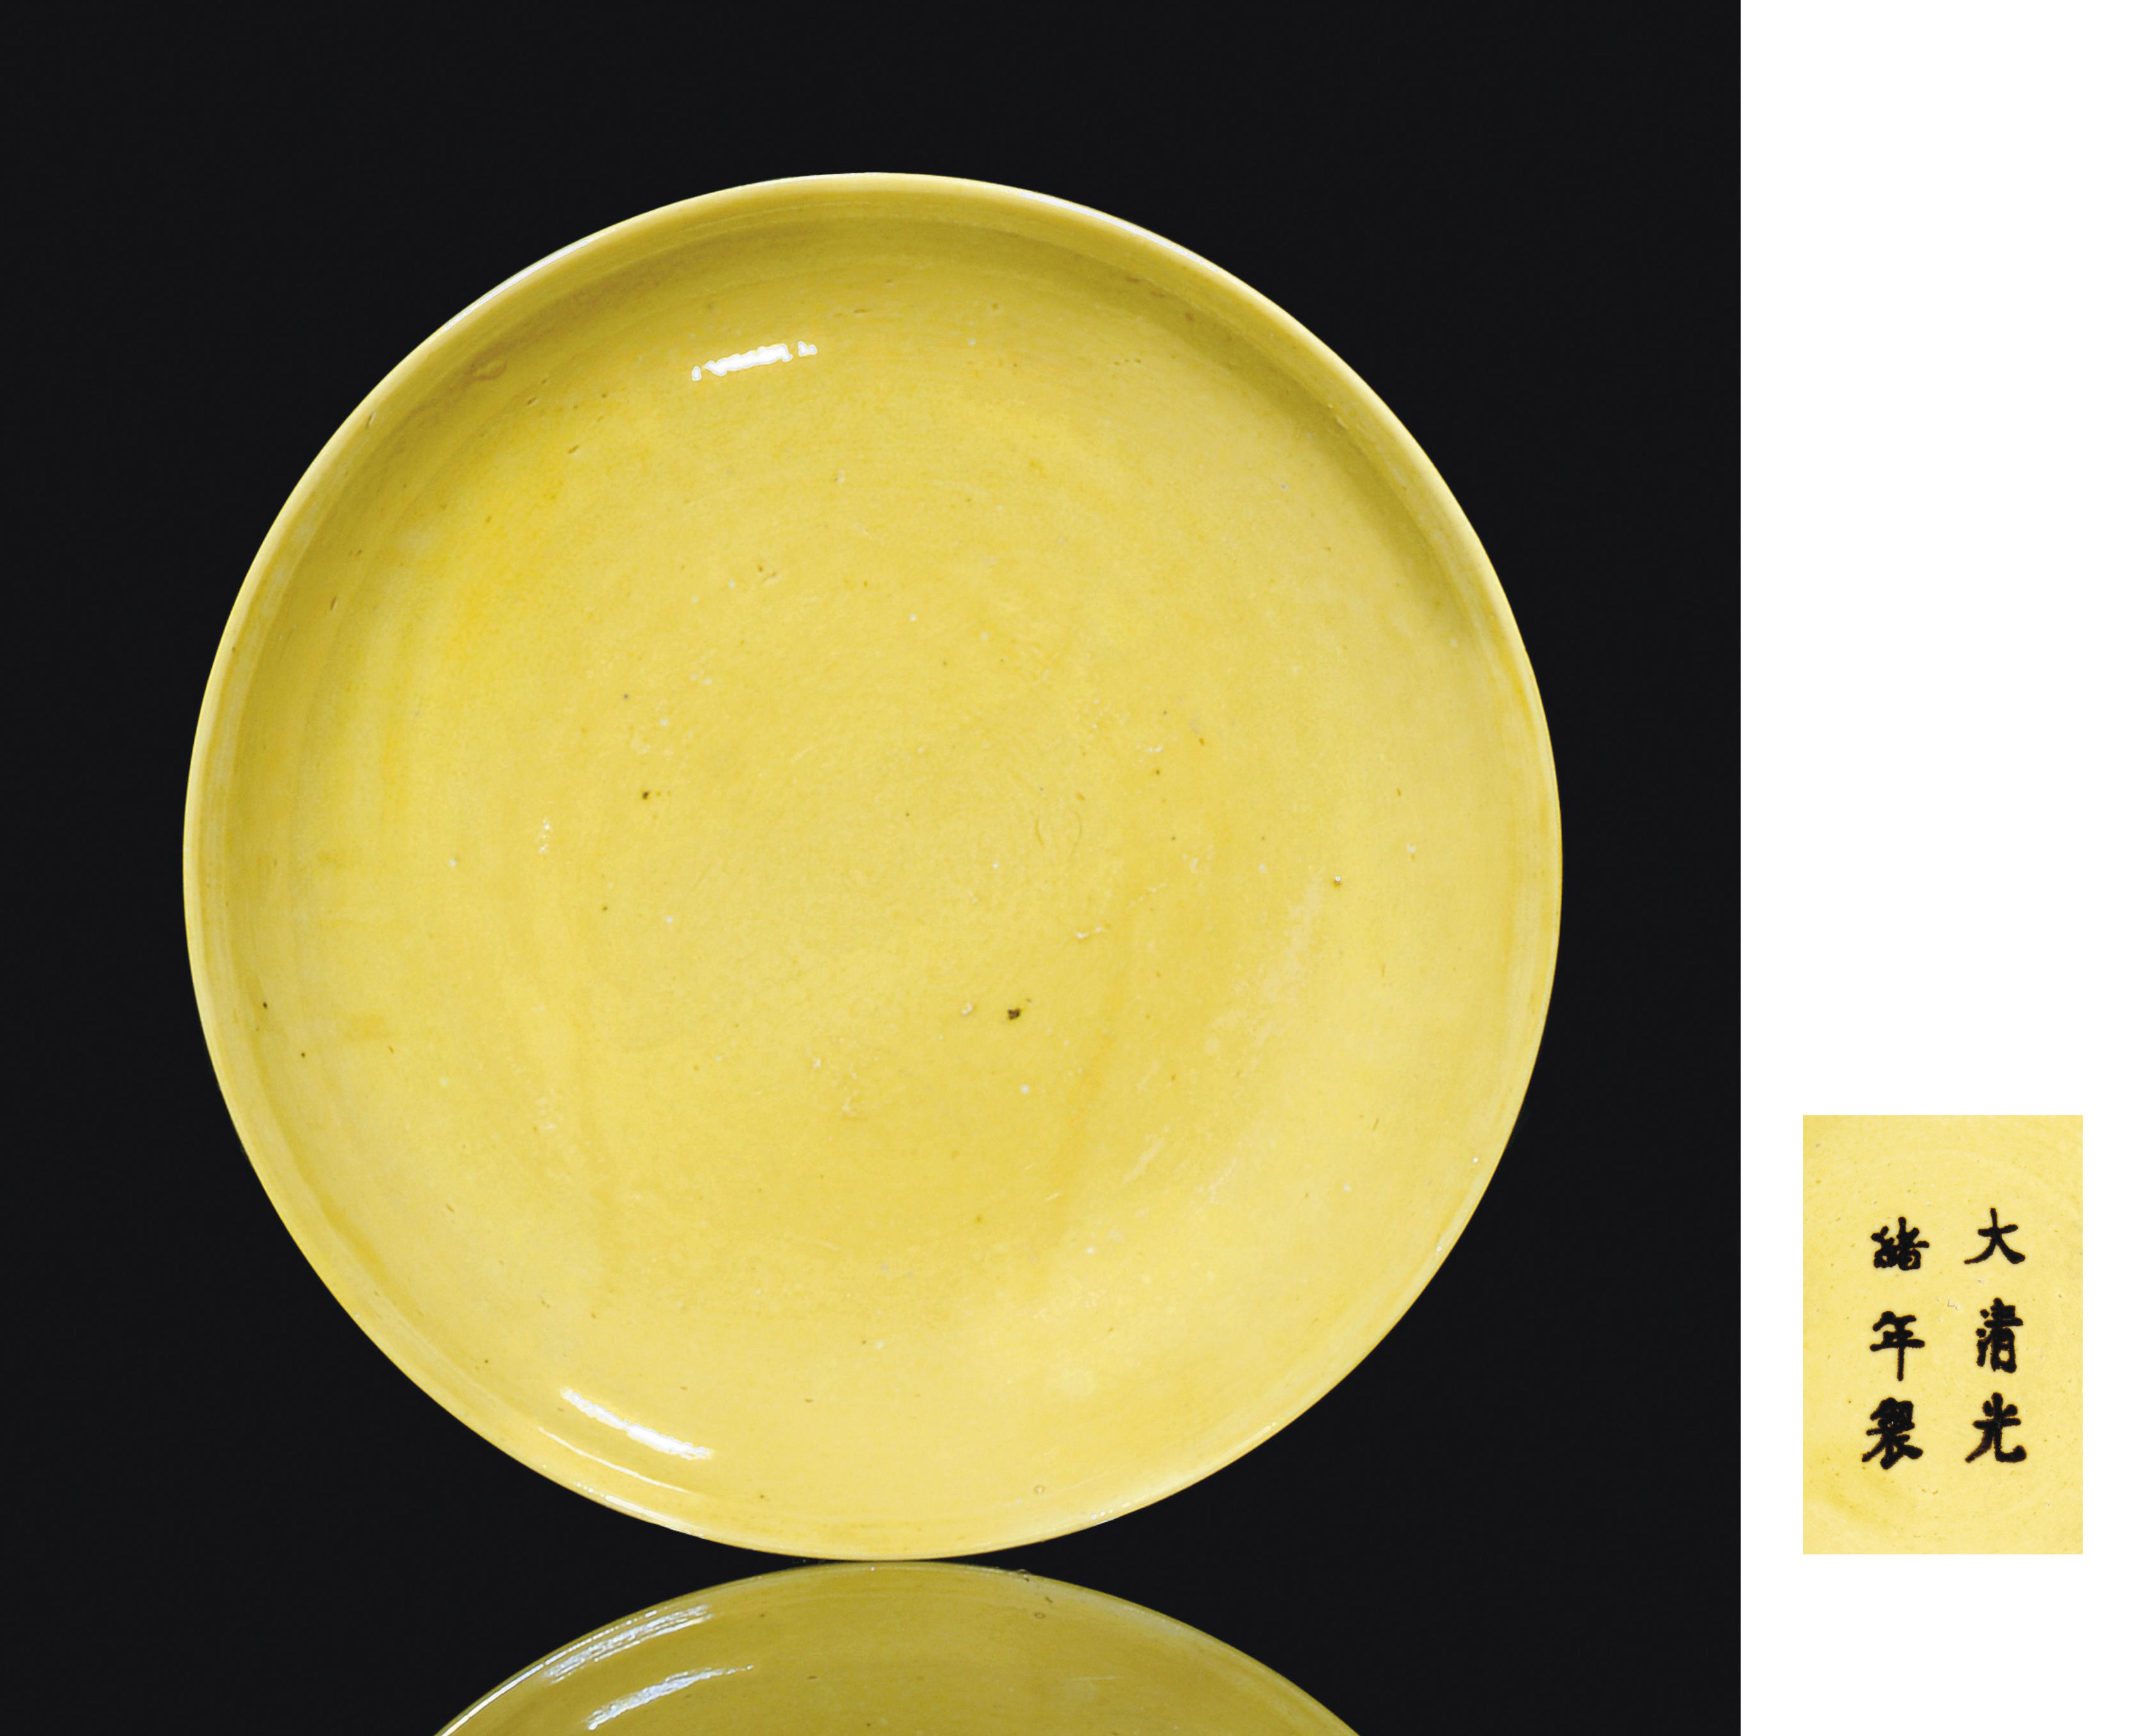 A CHINESE YELLOW GLAZED DISH